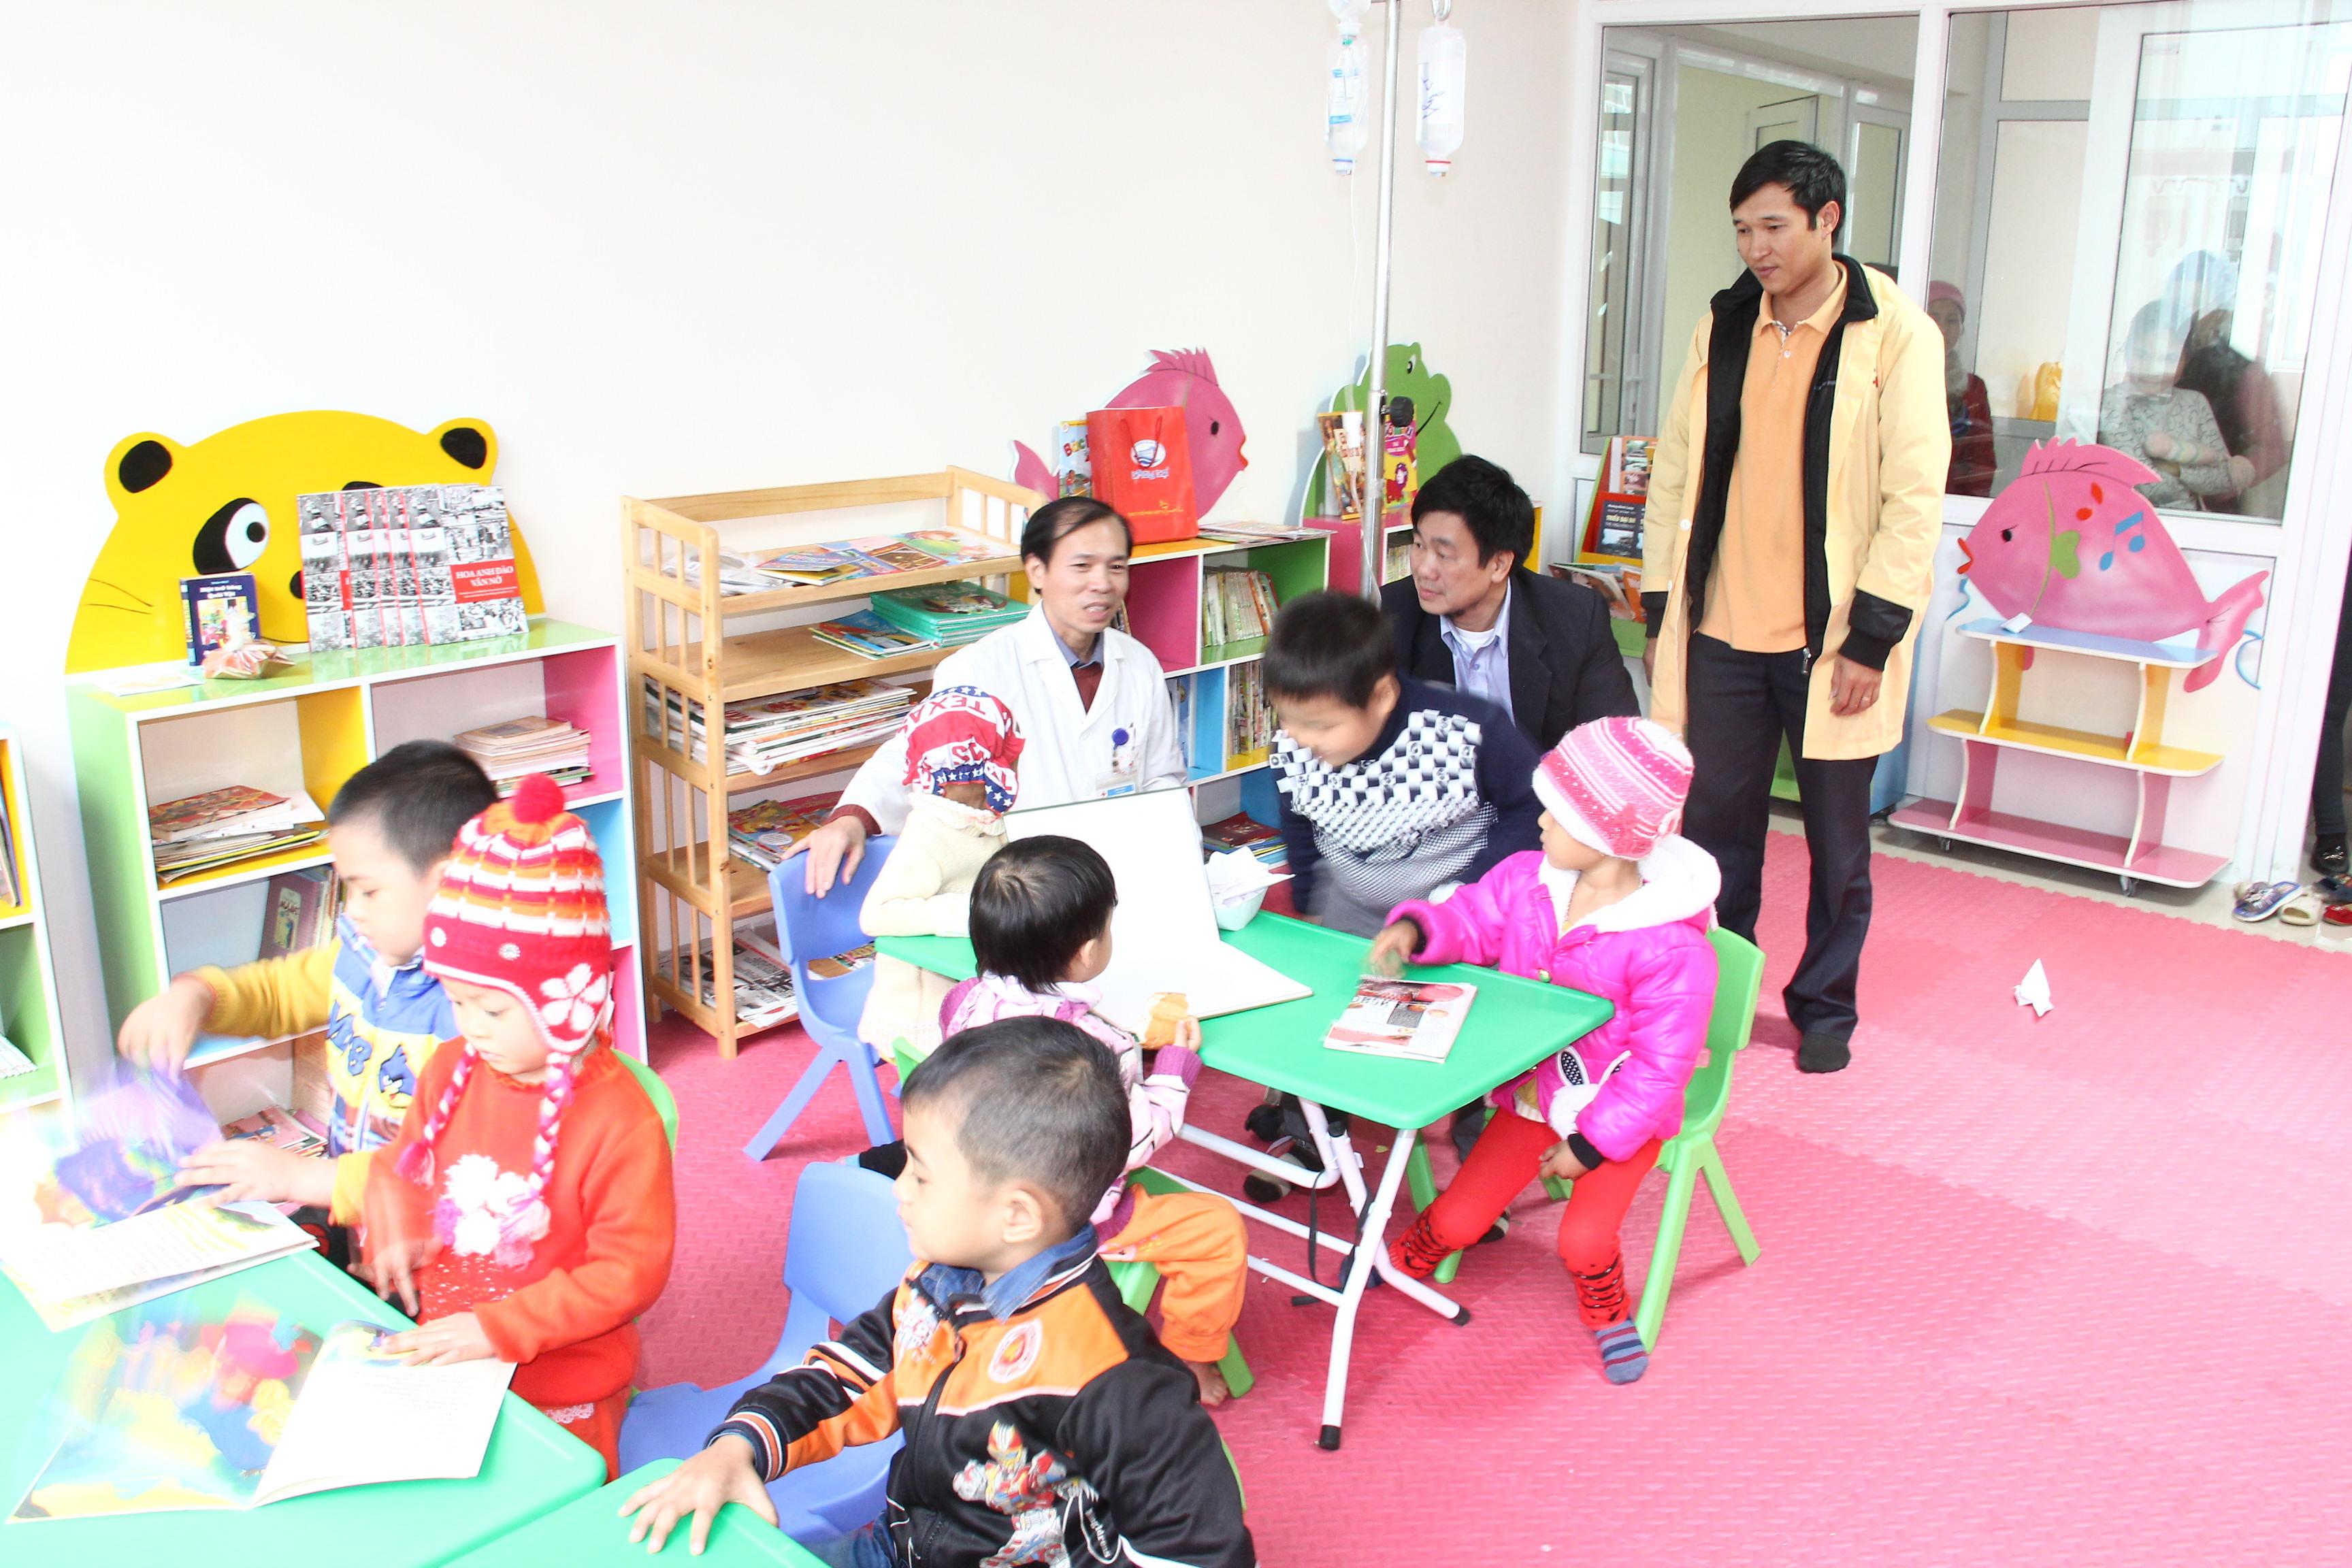 Trò chơi cho trẻ em giúp trẻ phát triển thể chất và giác quan.